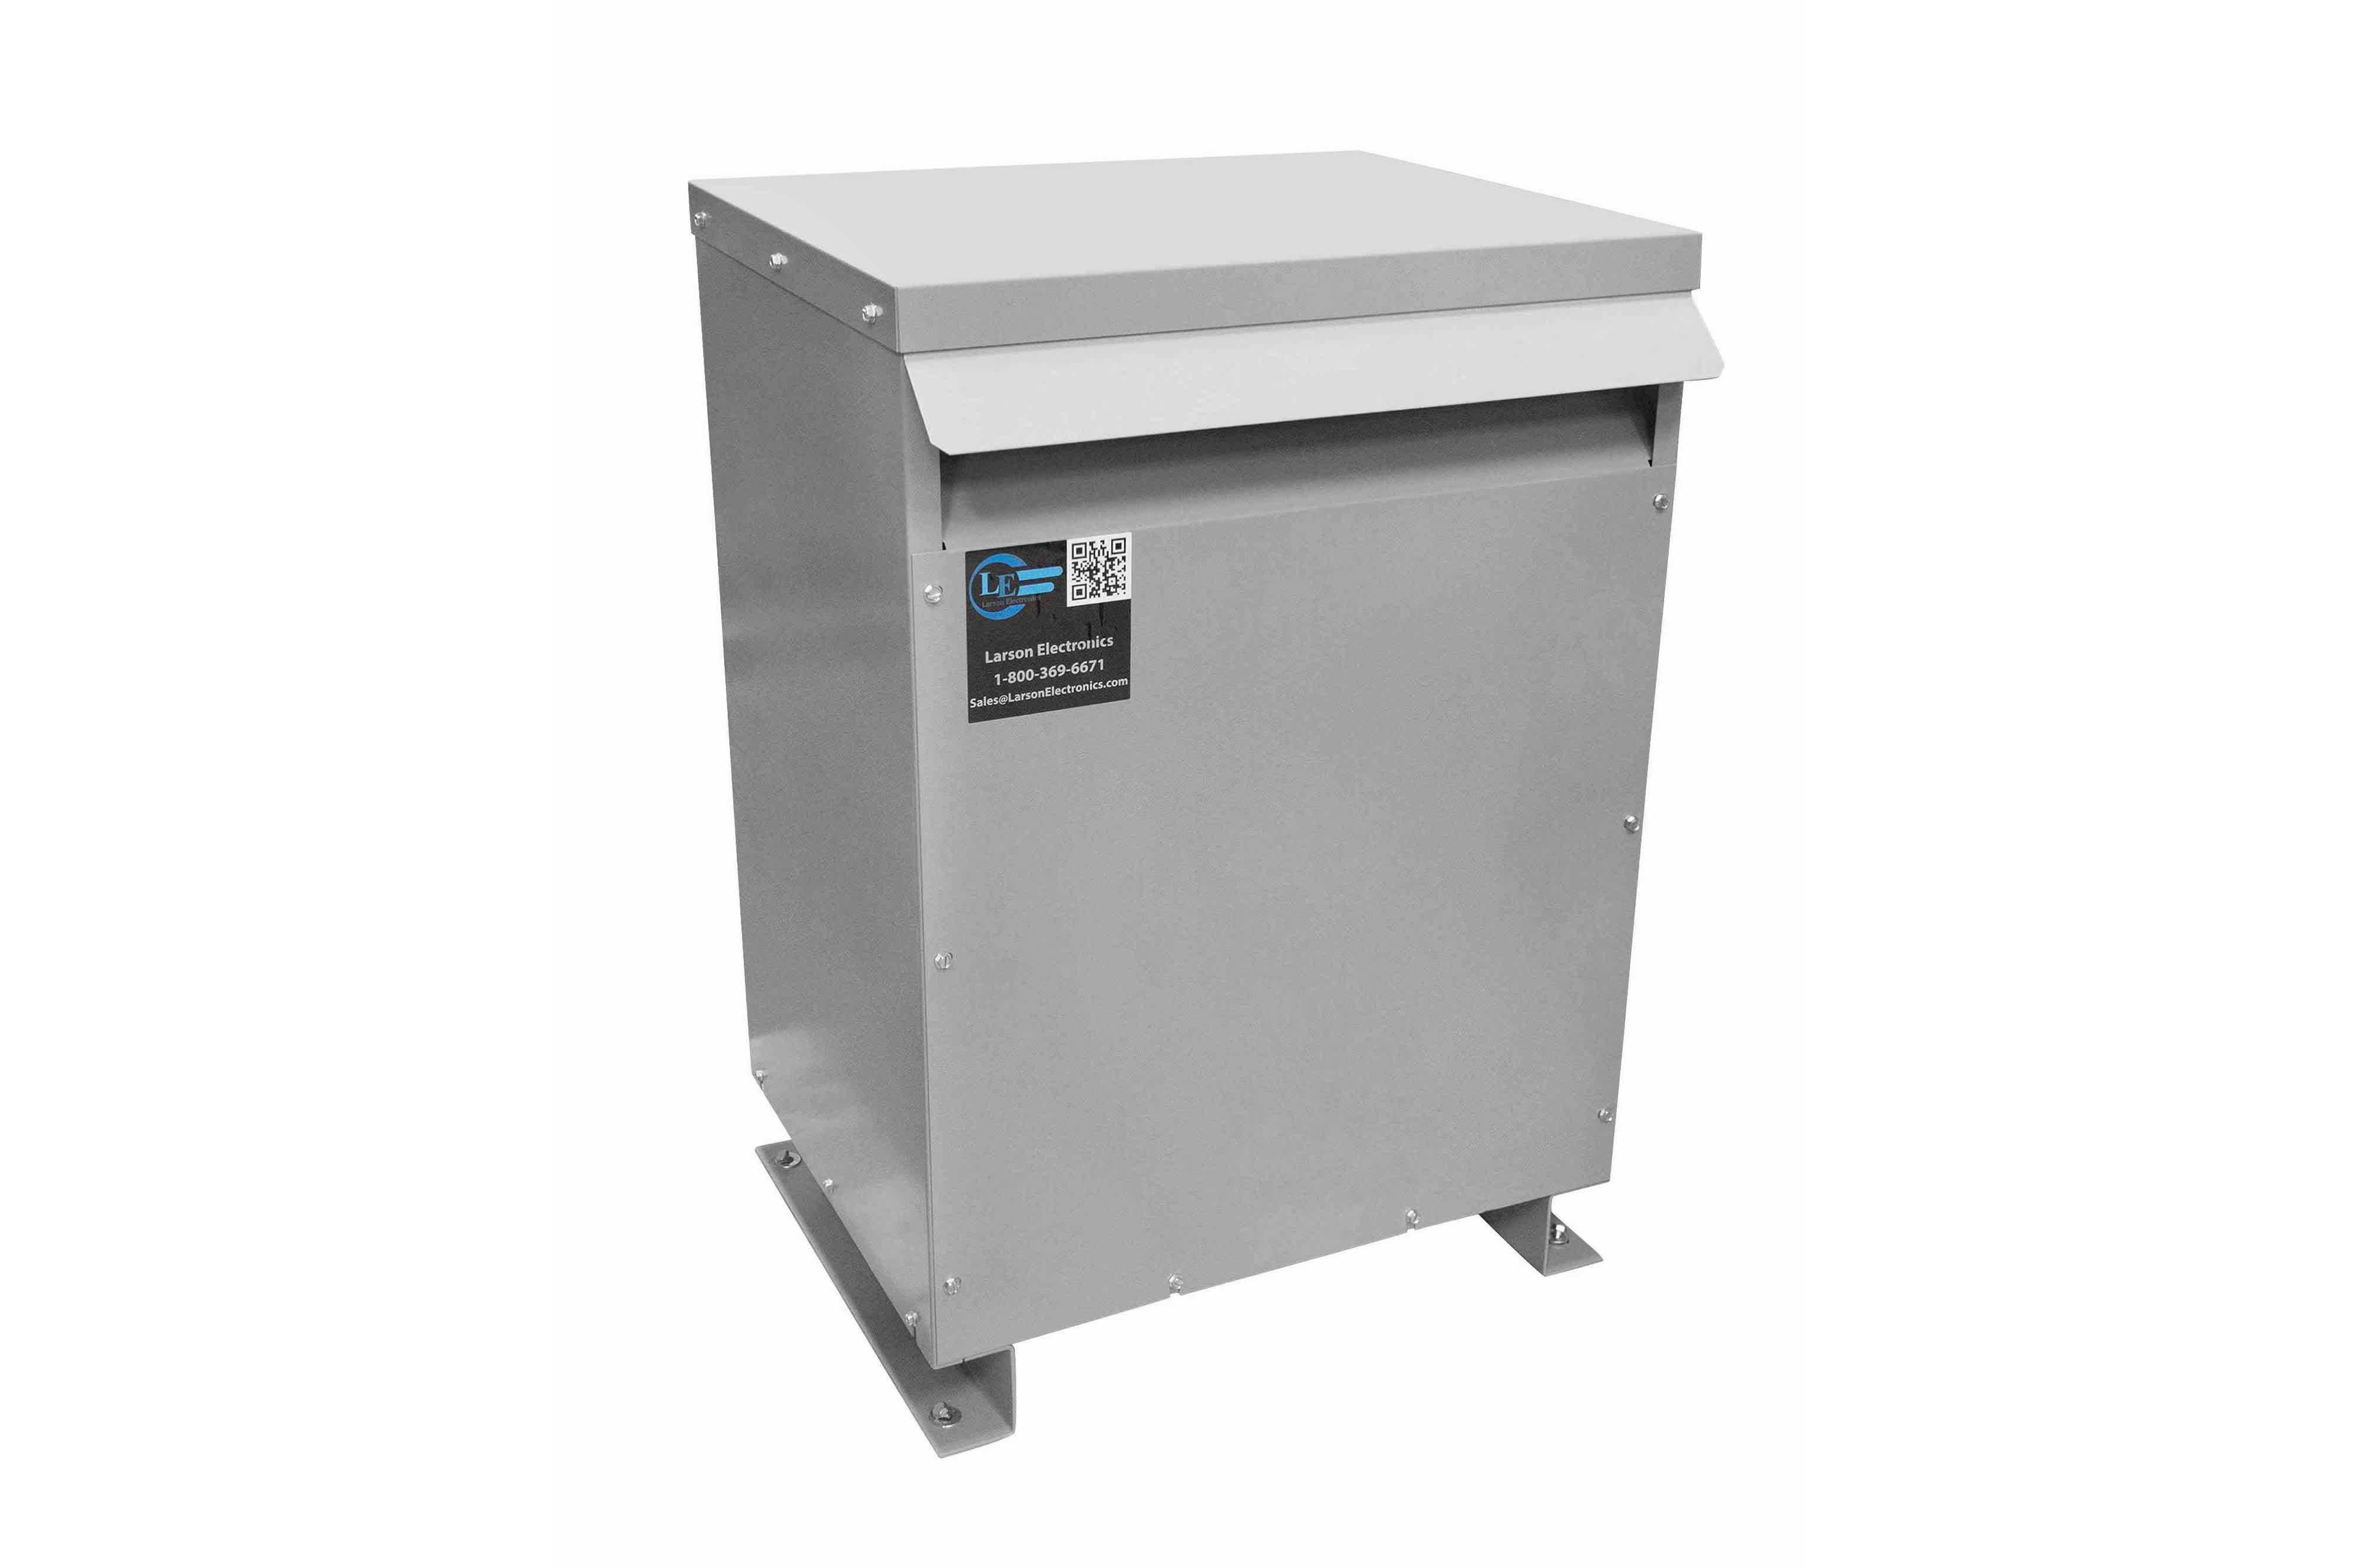 40 kVA 3PH Isolation Transformer, 220V Delta Primary, 208V Delta Secondary, N3R, Ventilated, 60 Hz